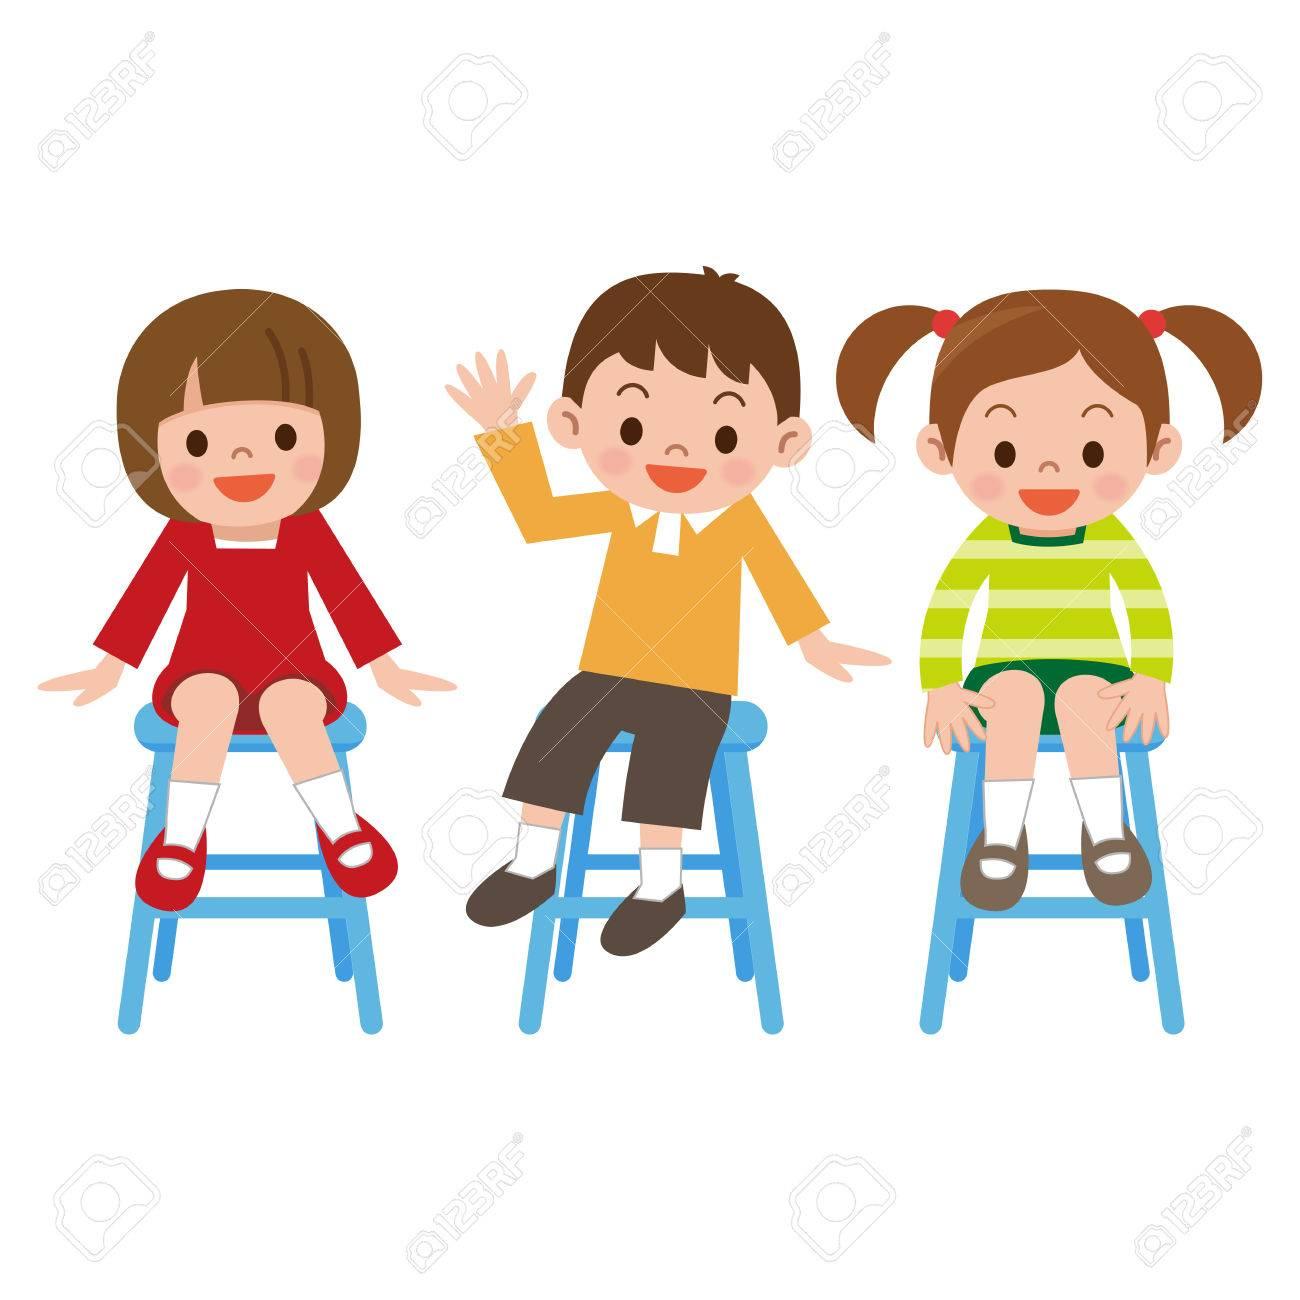 Los niños sonrisa es sentado en una silla